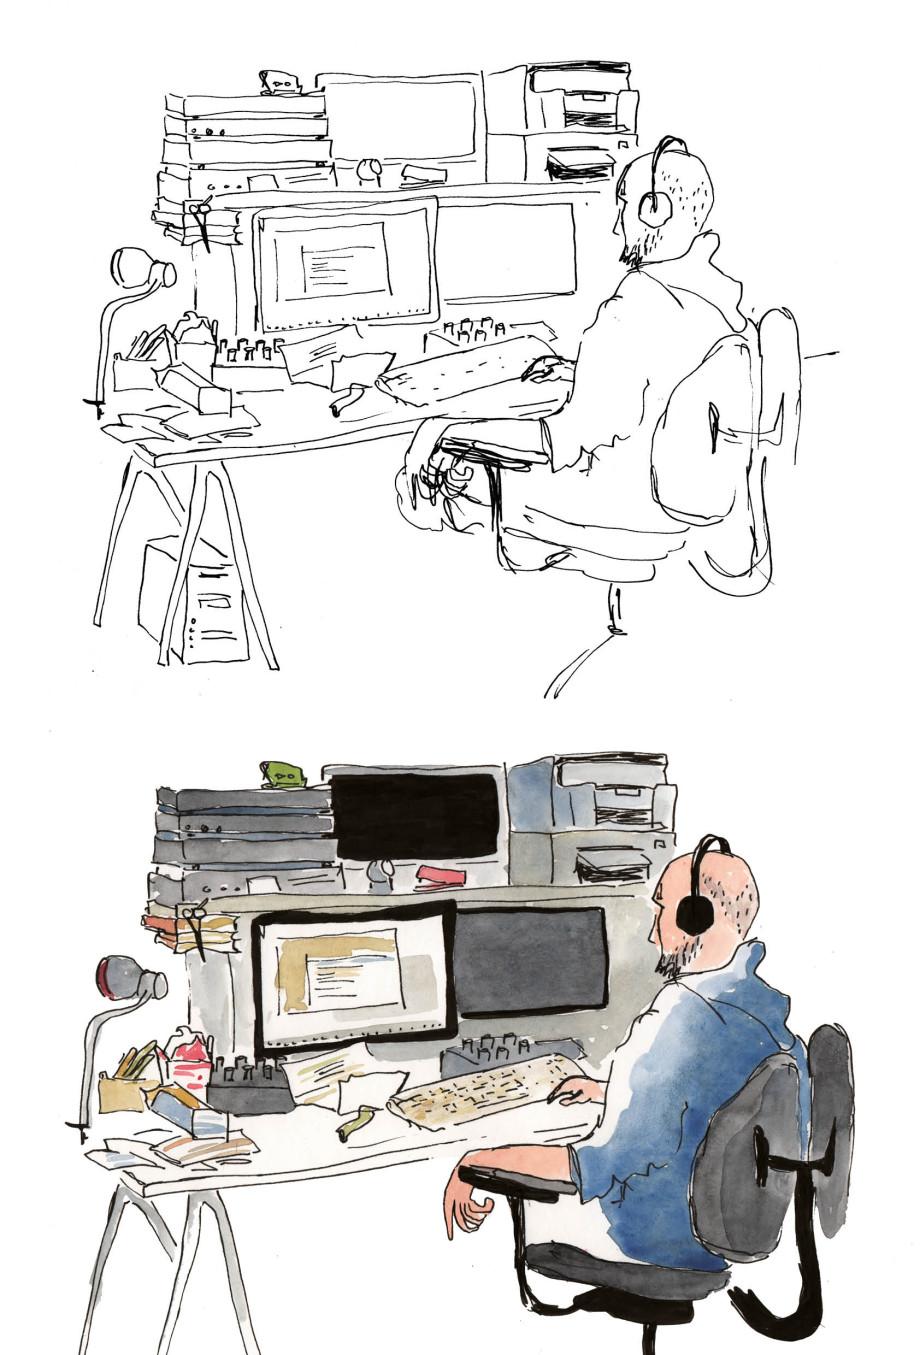 Zeichnung eines Interviewpartners an seinem Schreibtisch. Oben unkolorierte Skizze, unten farbige fertige Illustration.